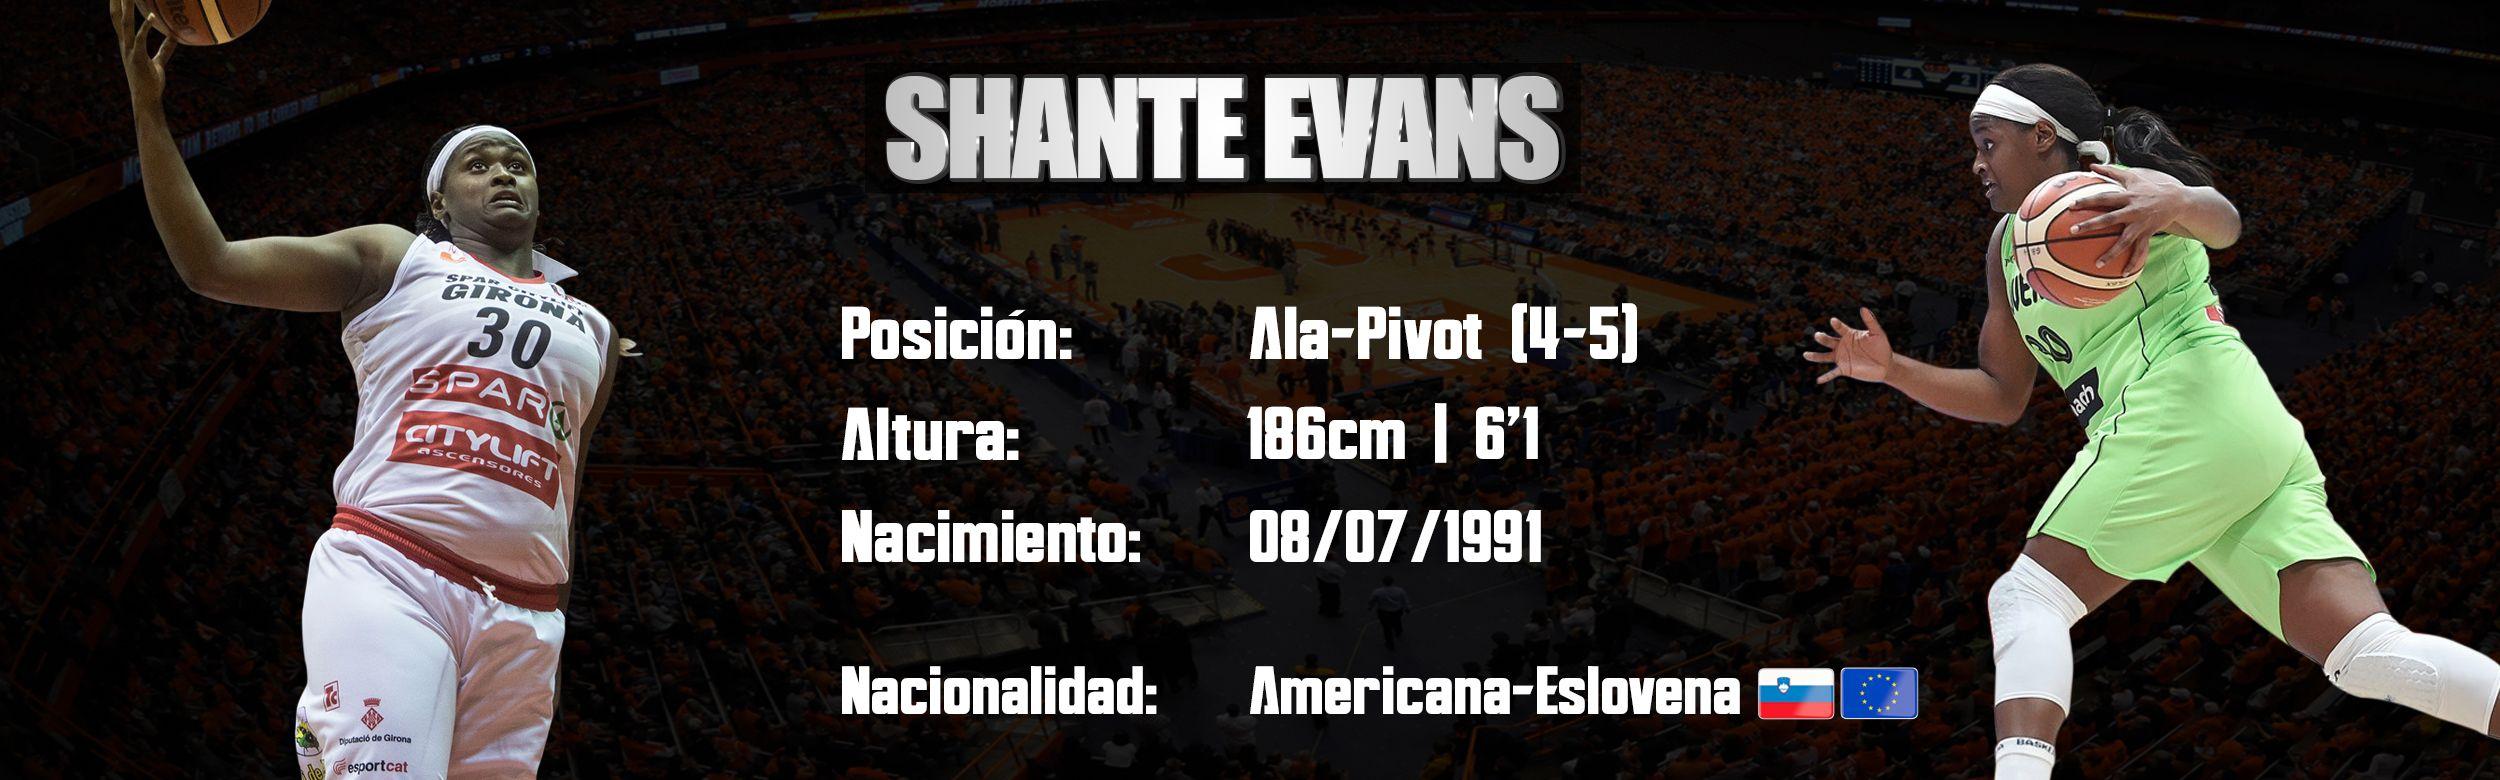 Shante Evans